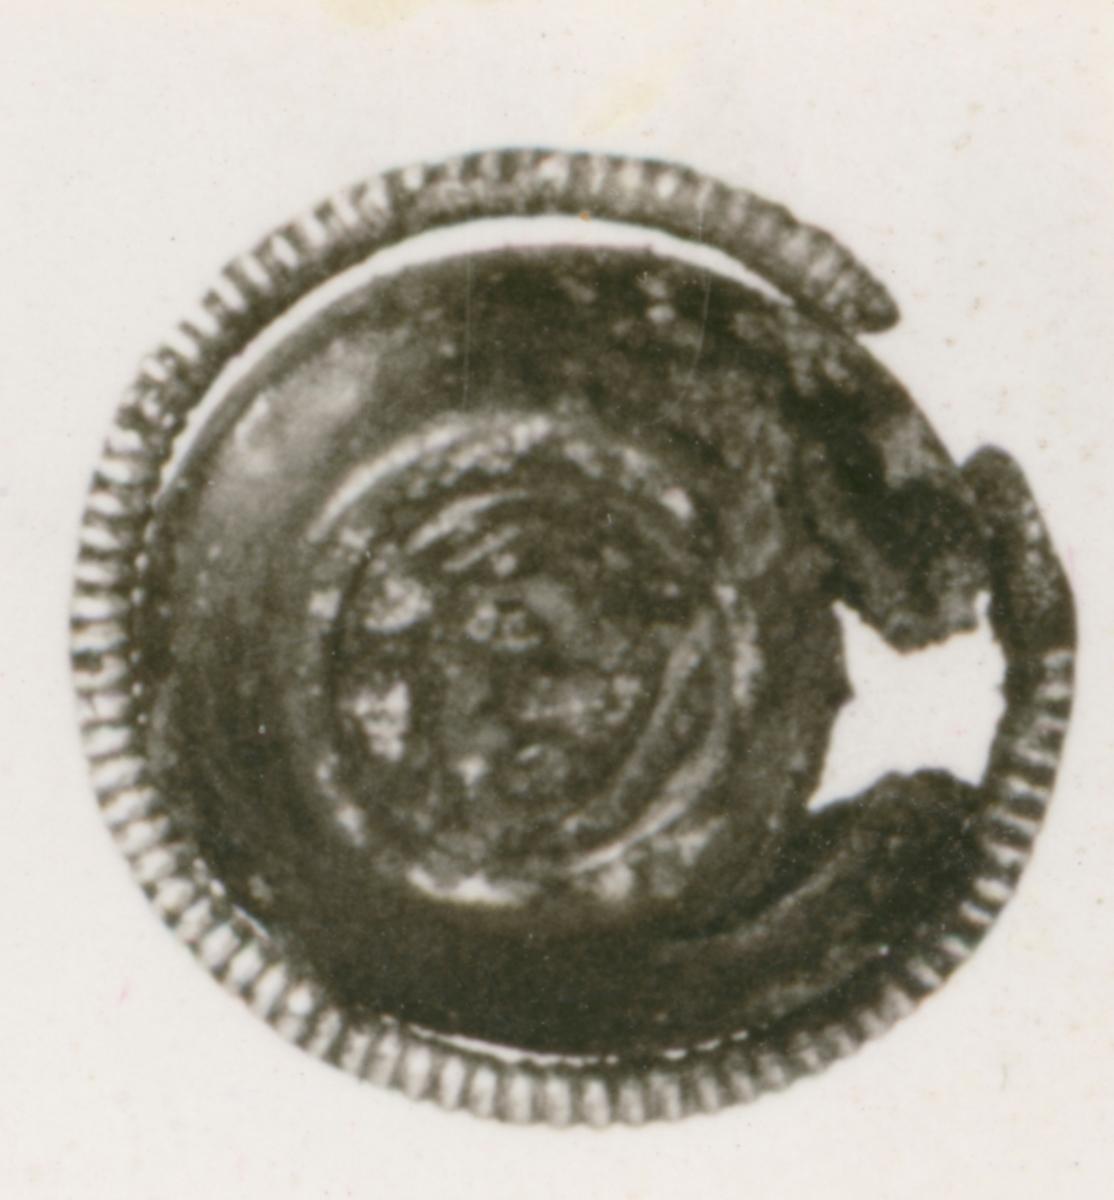 Beslag till remtyg? Pressbleck av brons. Fornfynd från båtgrav.